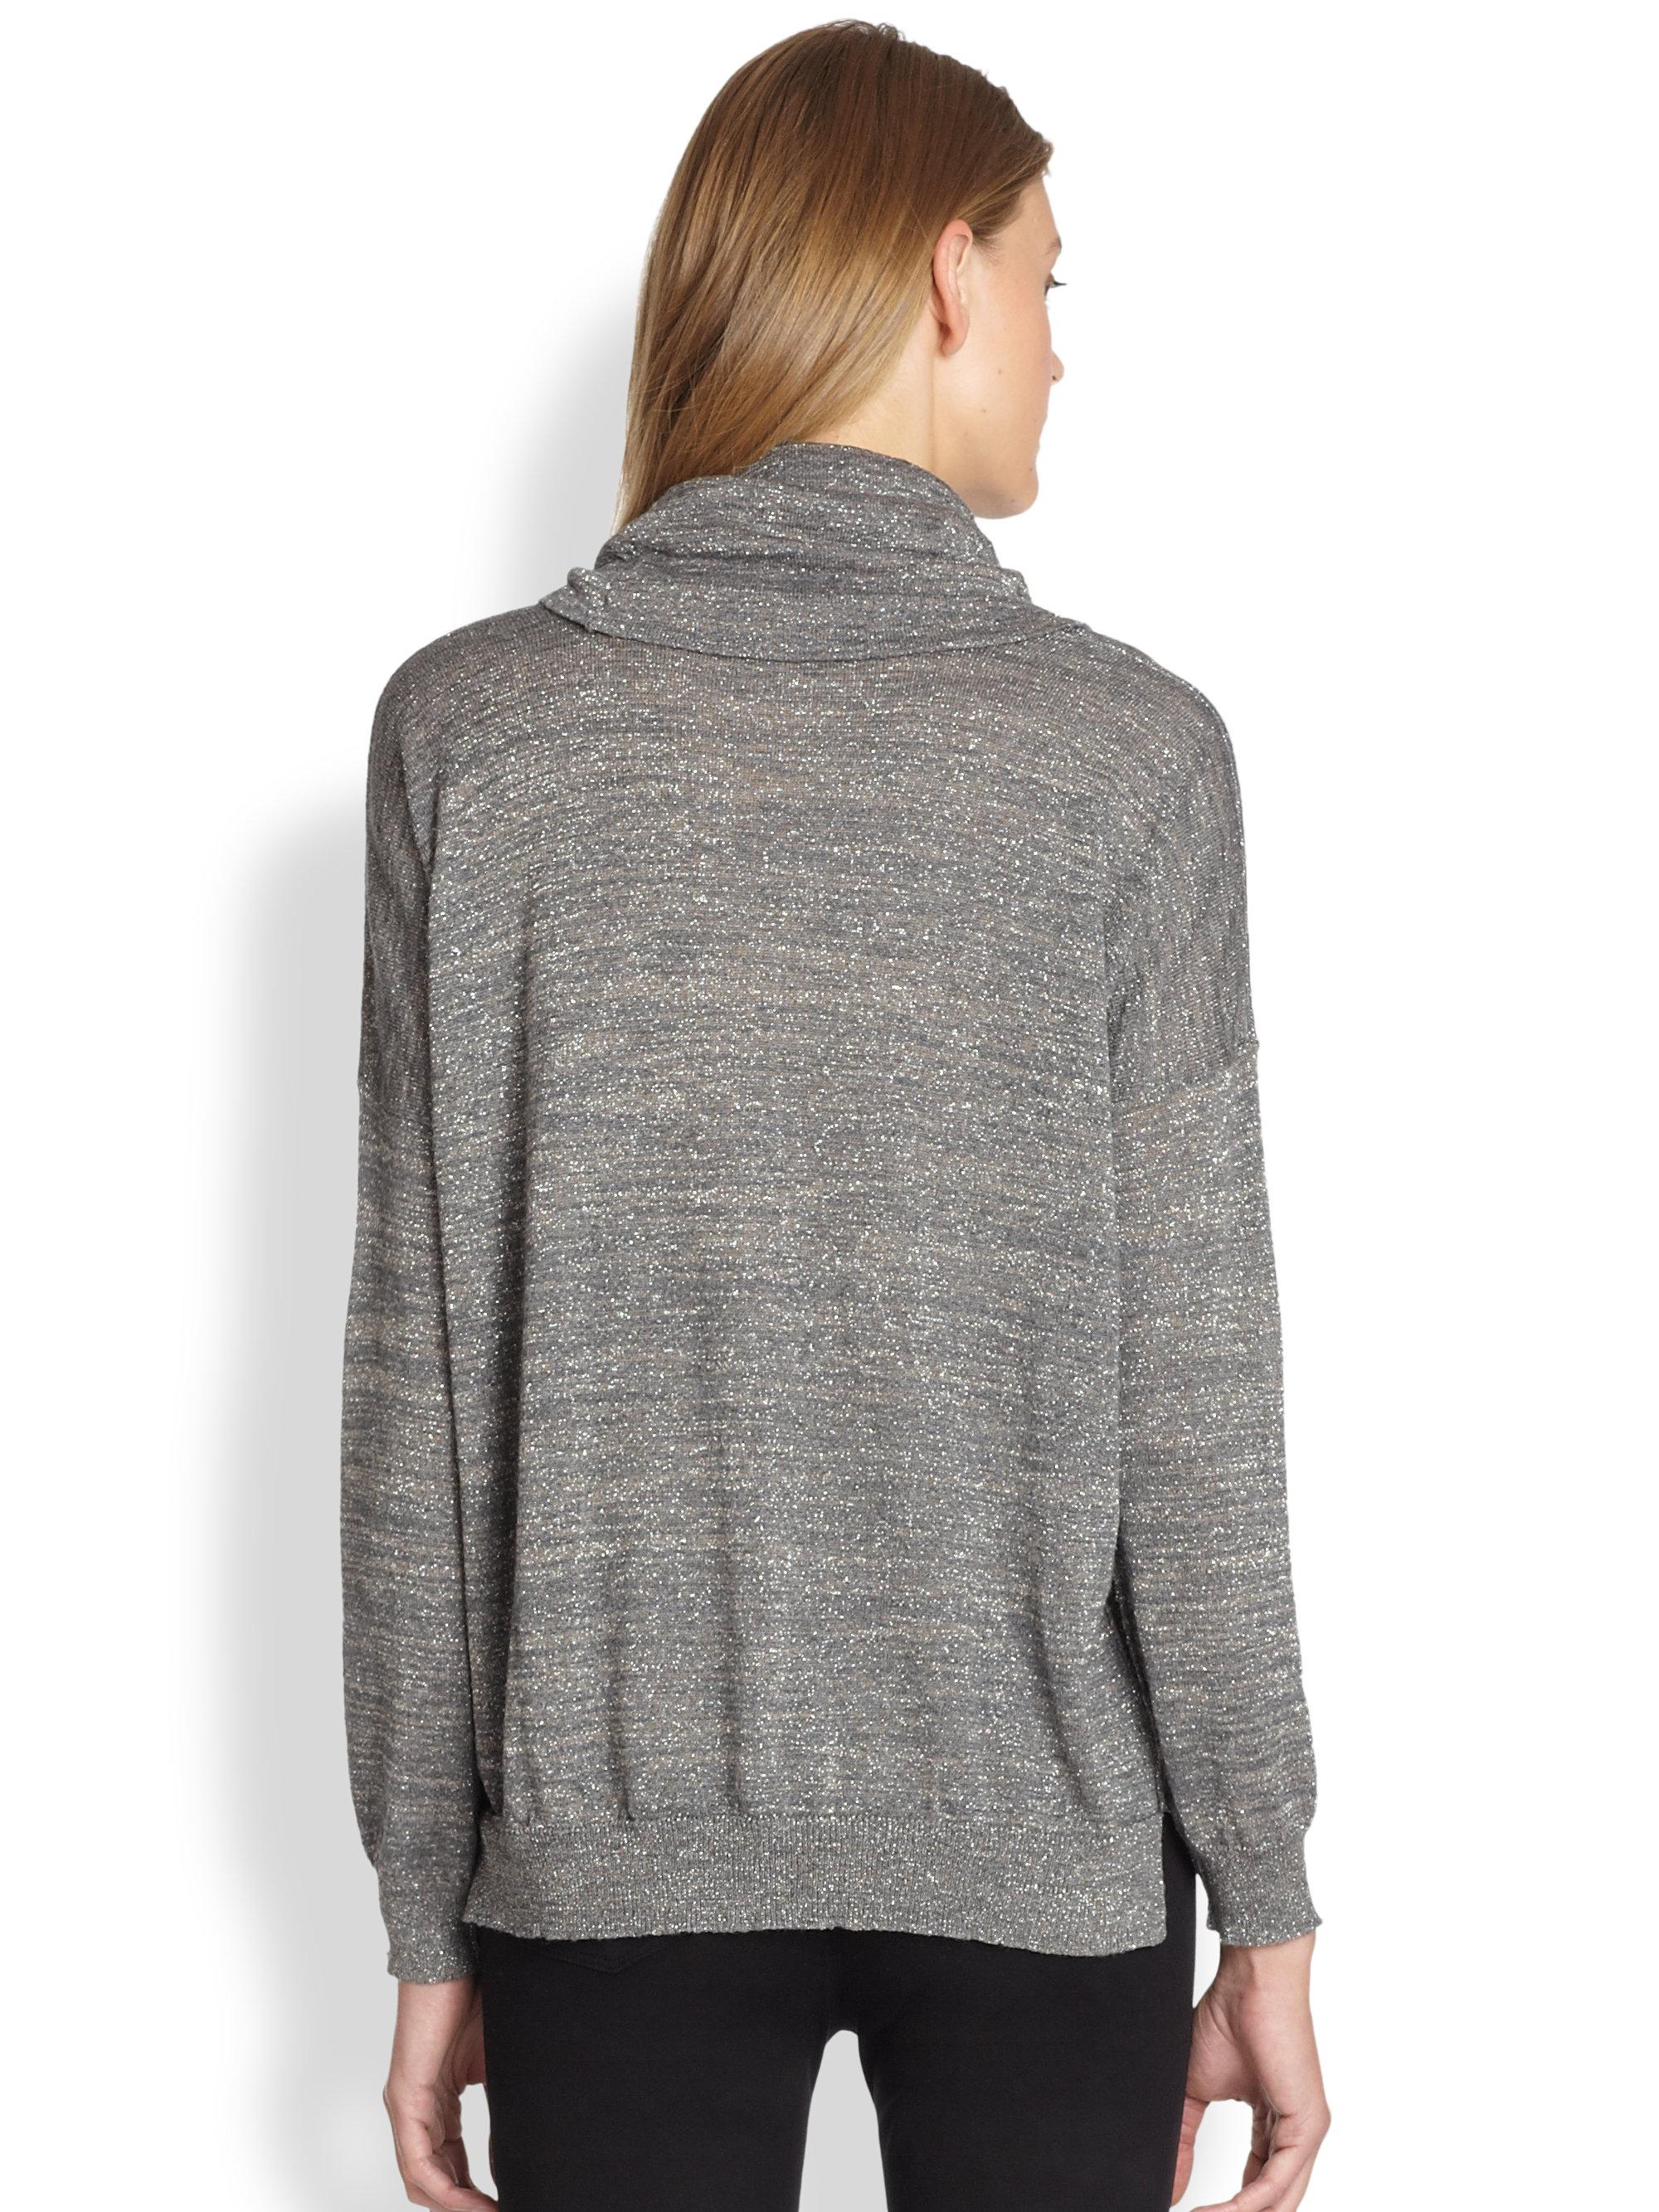 Joie Metallic Cowlneck Dolman Sweater in Gray | Lyst